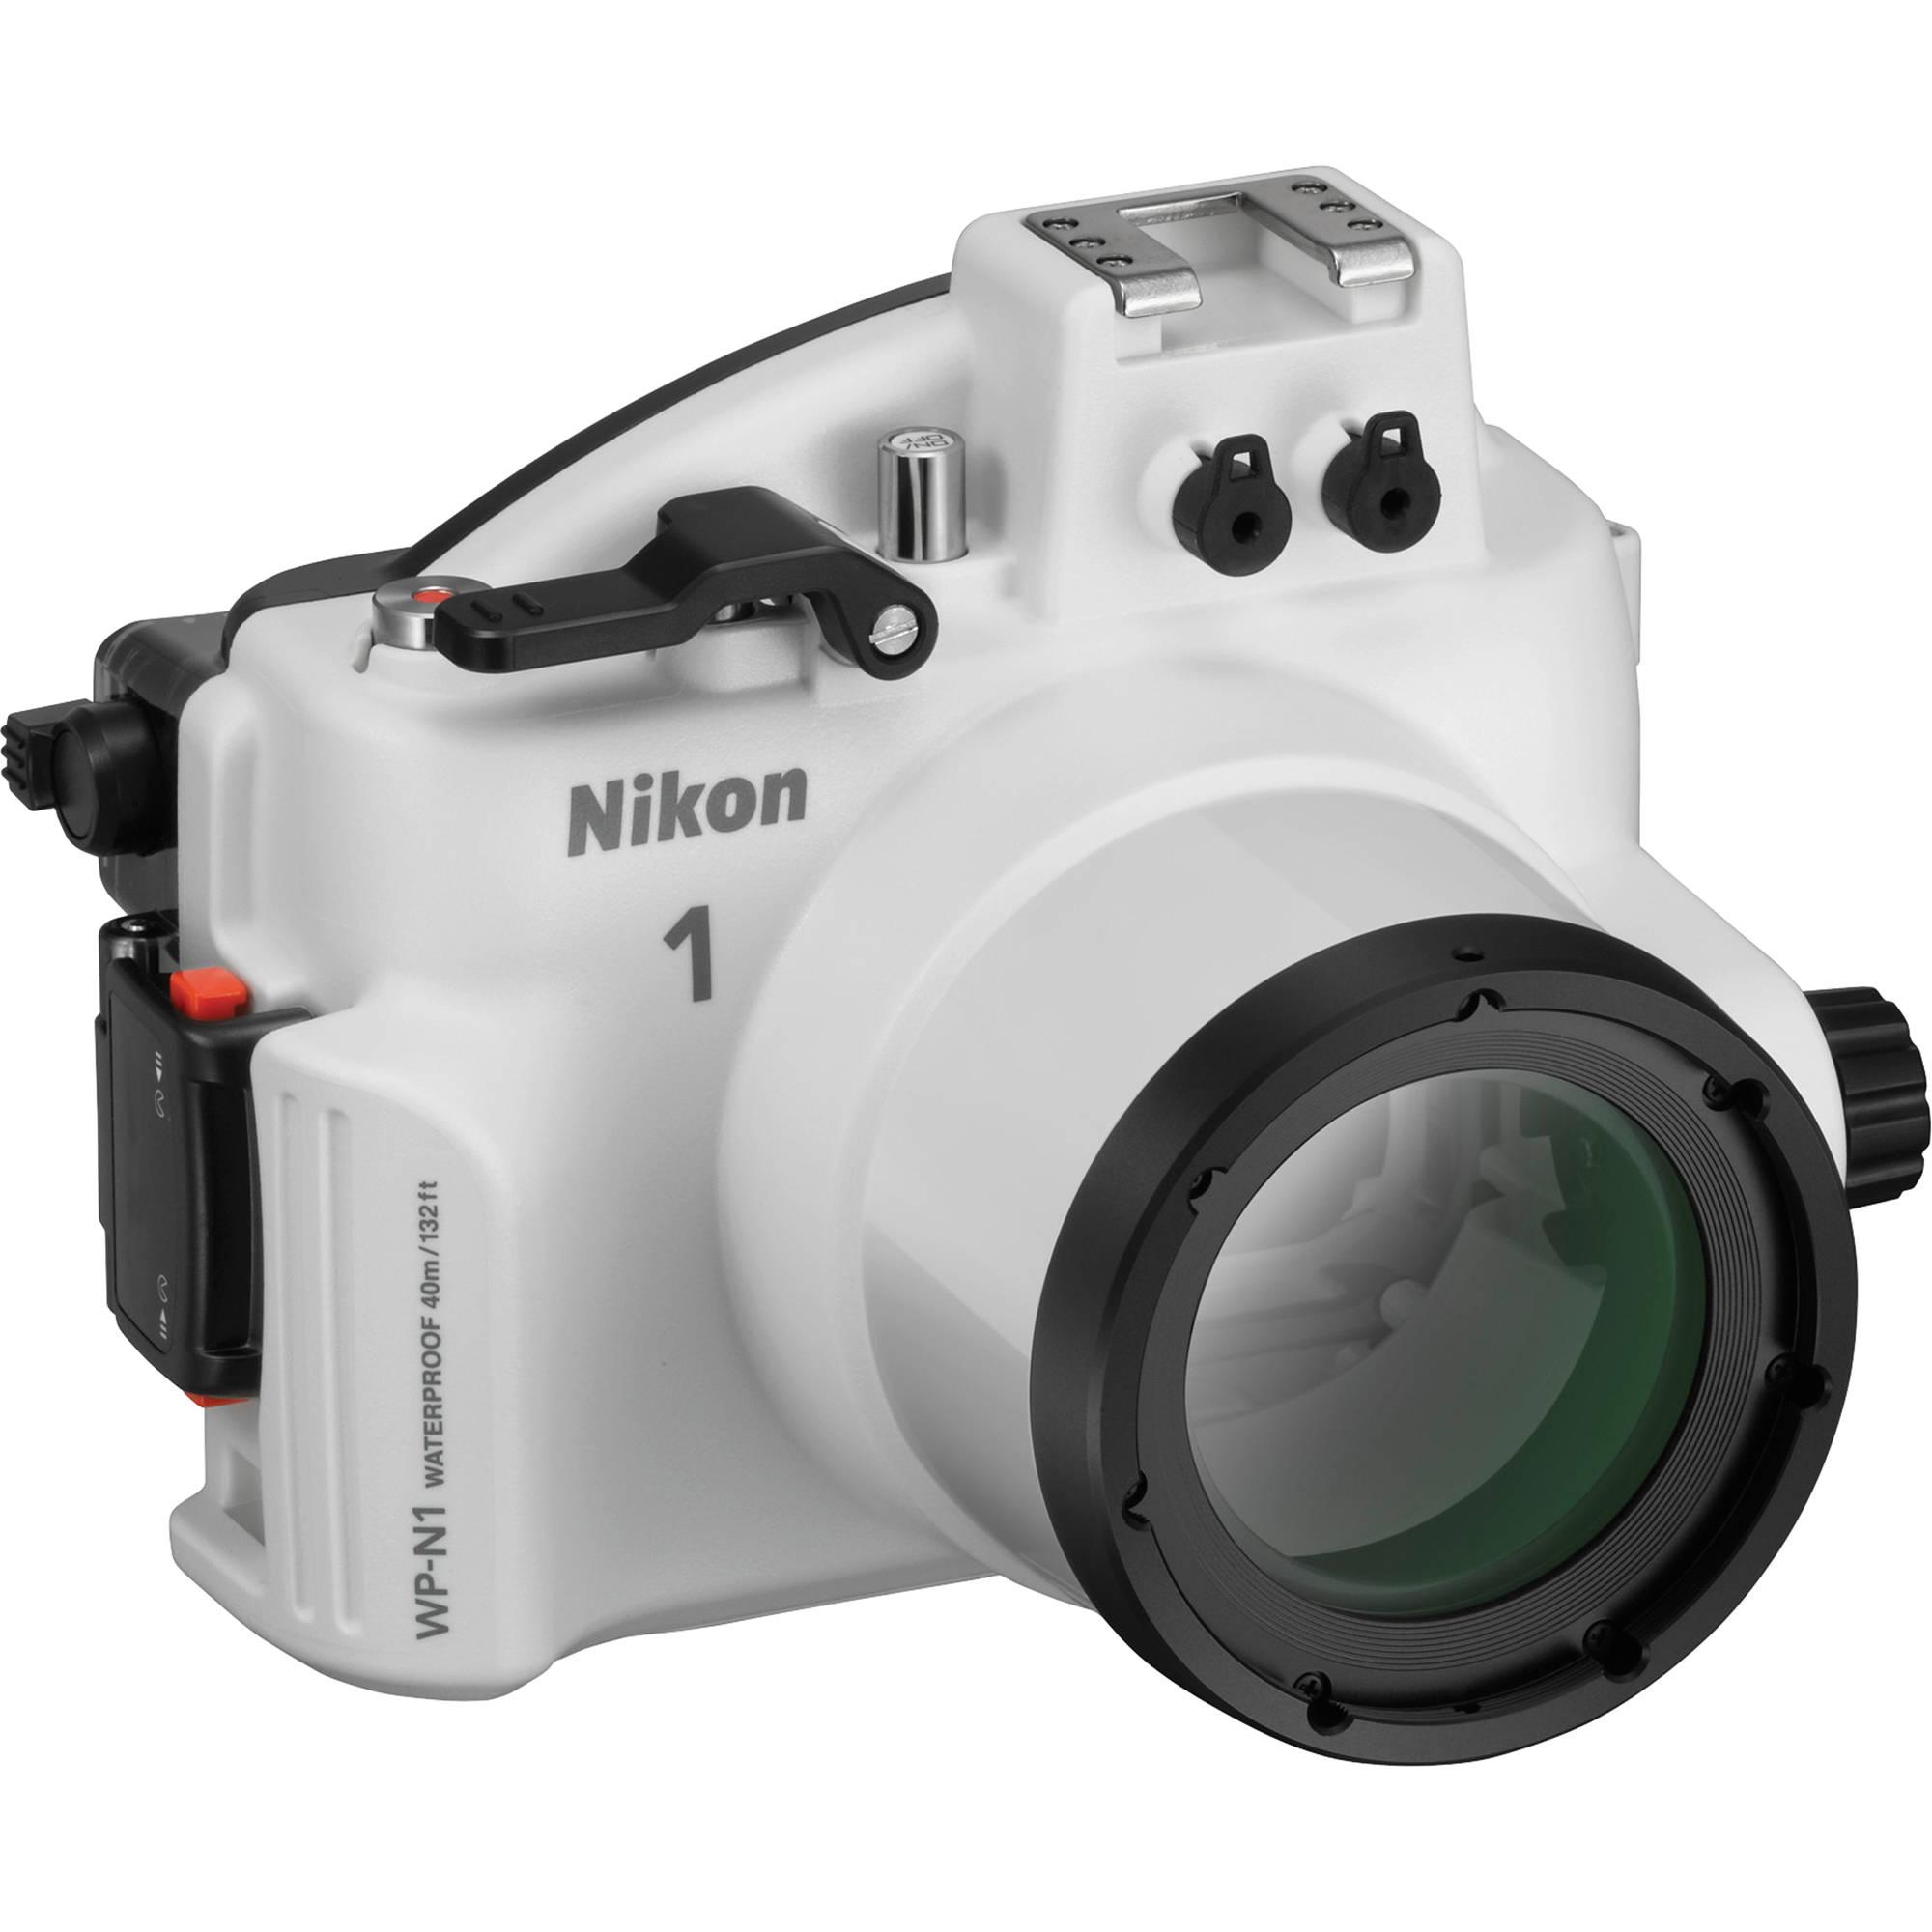 Nikon WP-N1 Waterproof Housing for Nikon 1 J1 / J2 Digital 3689